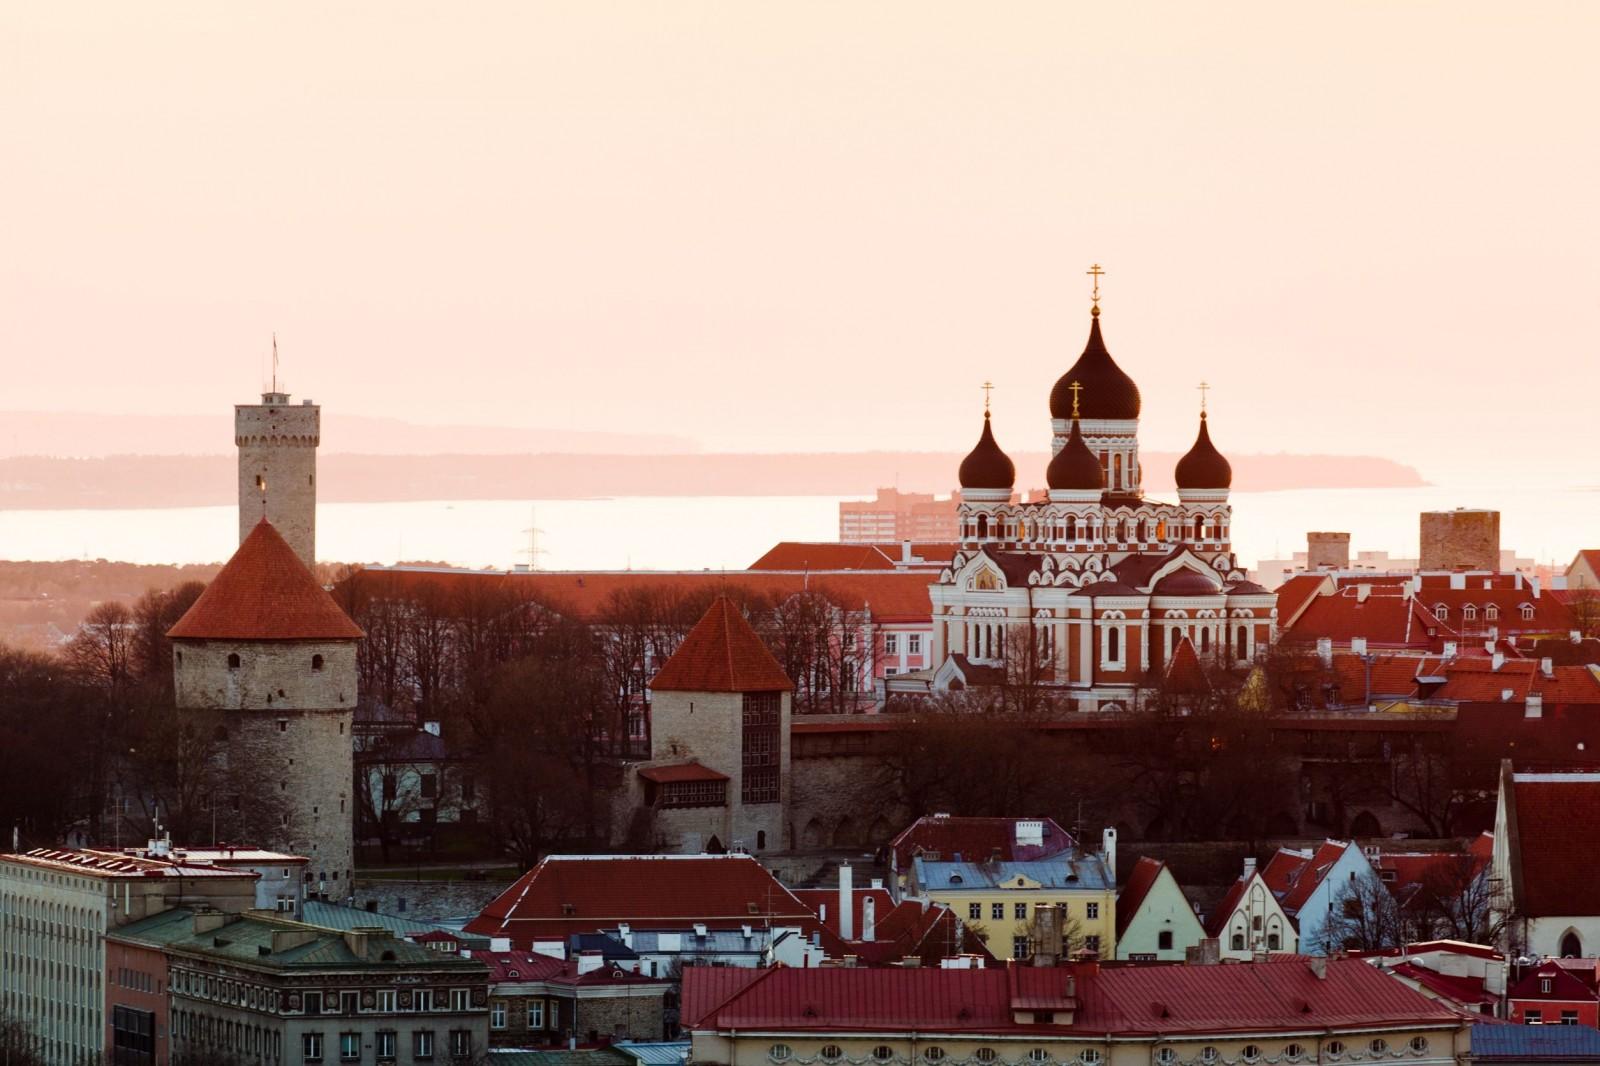 Cobbled, Estonia